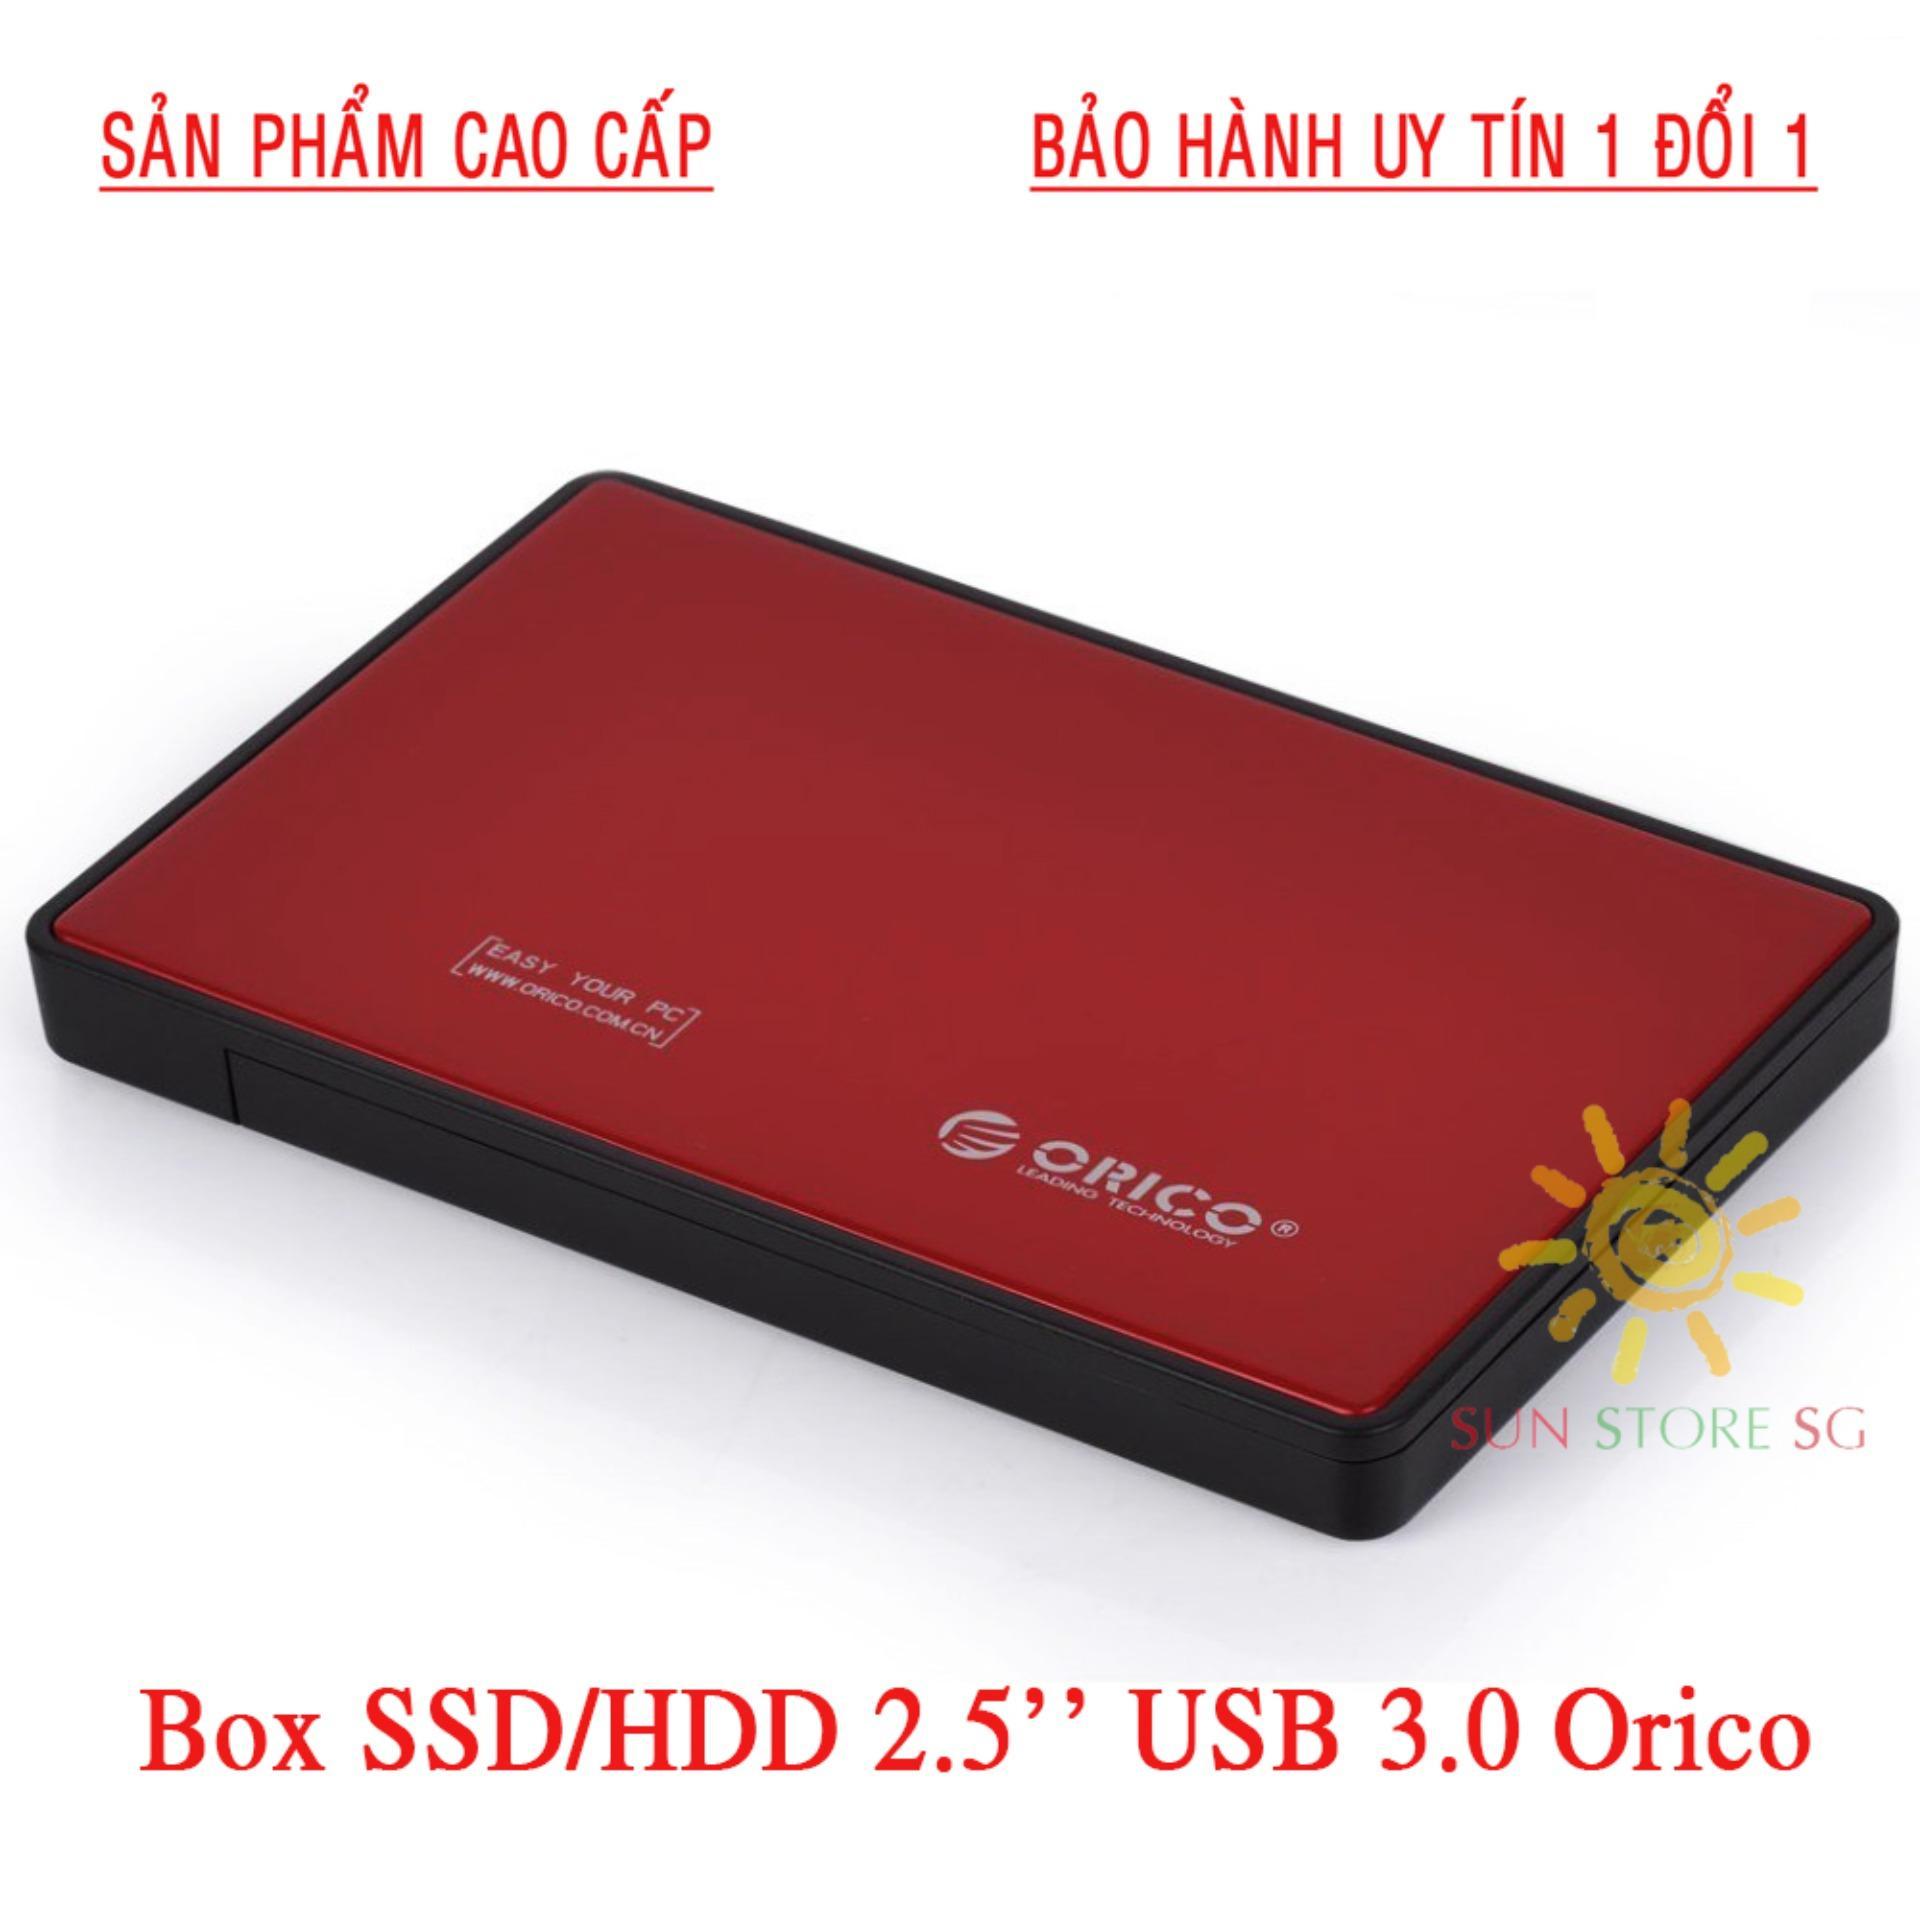 Hình ảnh Ổ Cứng Ngoài 500Gb Giá Rẻ | BOX ổ cứng di động SSD & HDD 2.5″ USB 3.0 Orico Dòng Cao Cấp | Nhập khẩu, phân phối & bảo hành 1 đổi 1 bởi SUN STORE SG